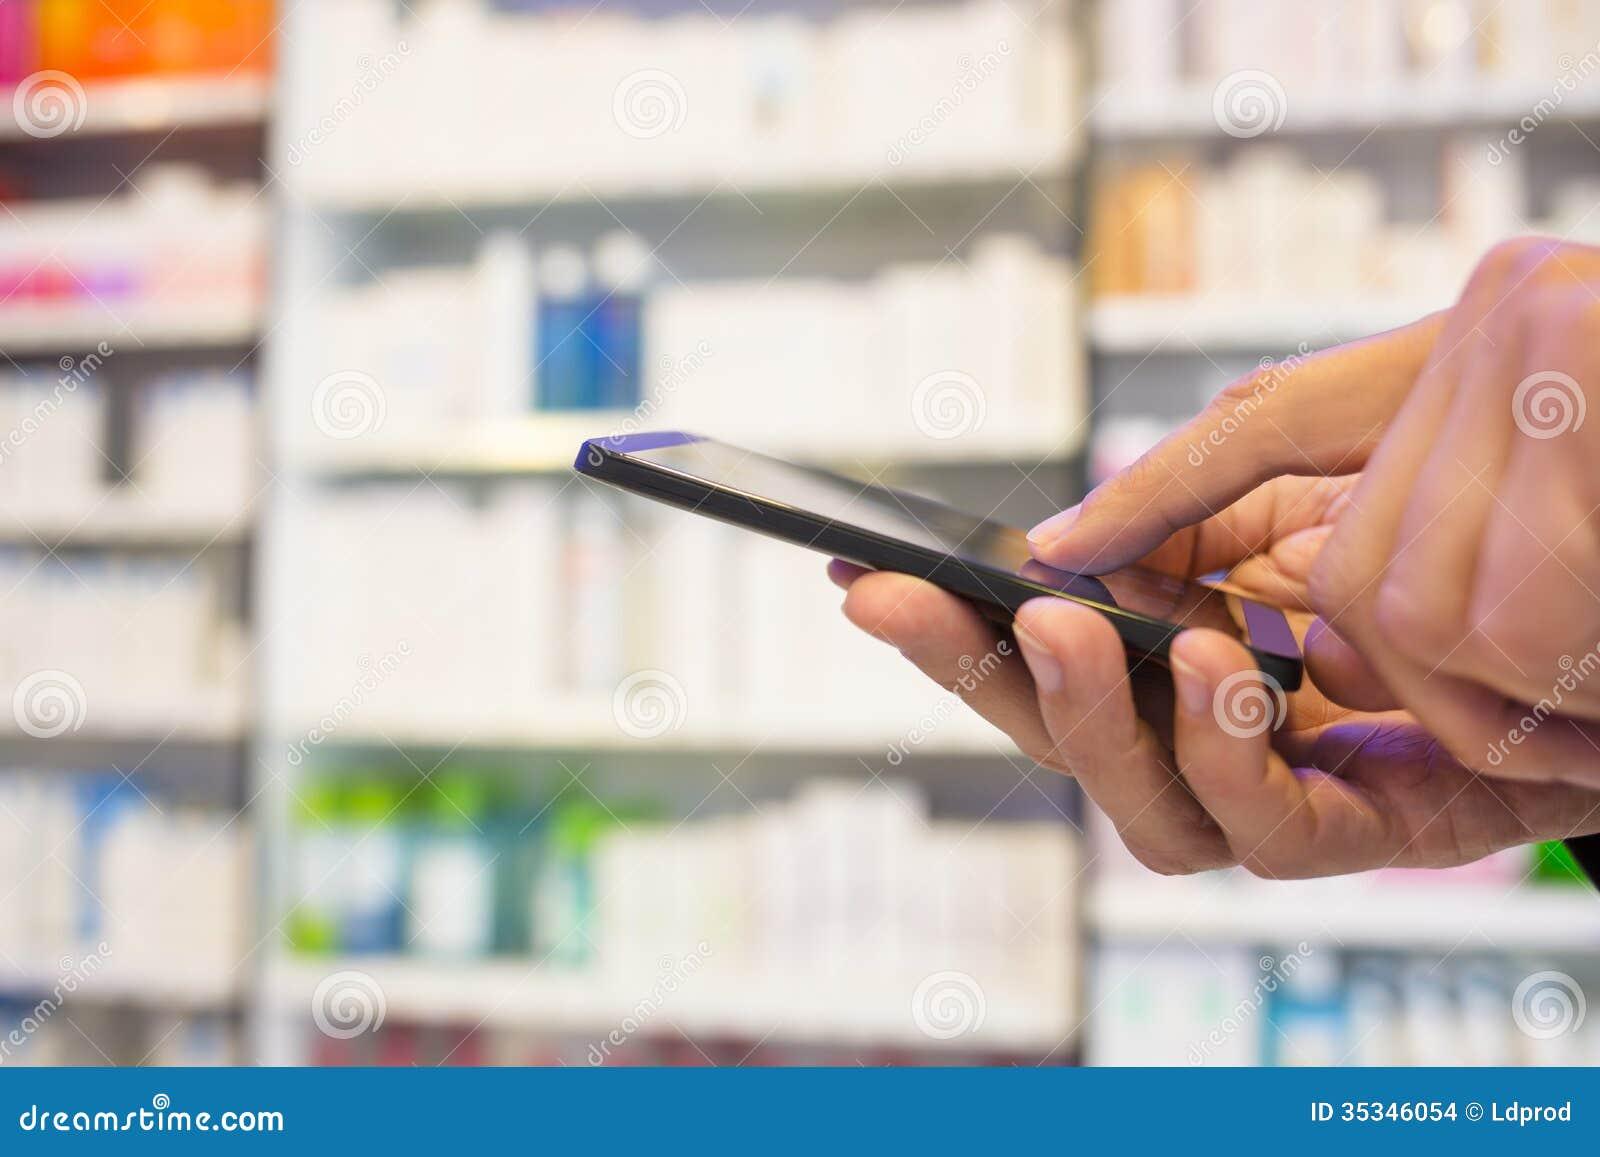 Άτομο που χρησιμοποιεί ένα κινητό τηλέφωνο στο φαρμακείο